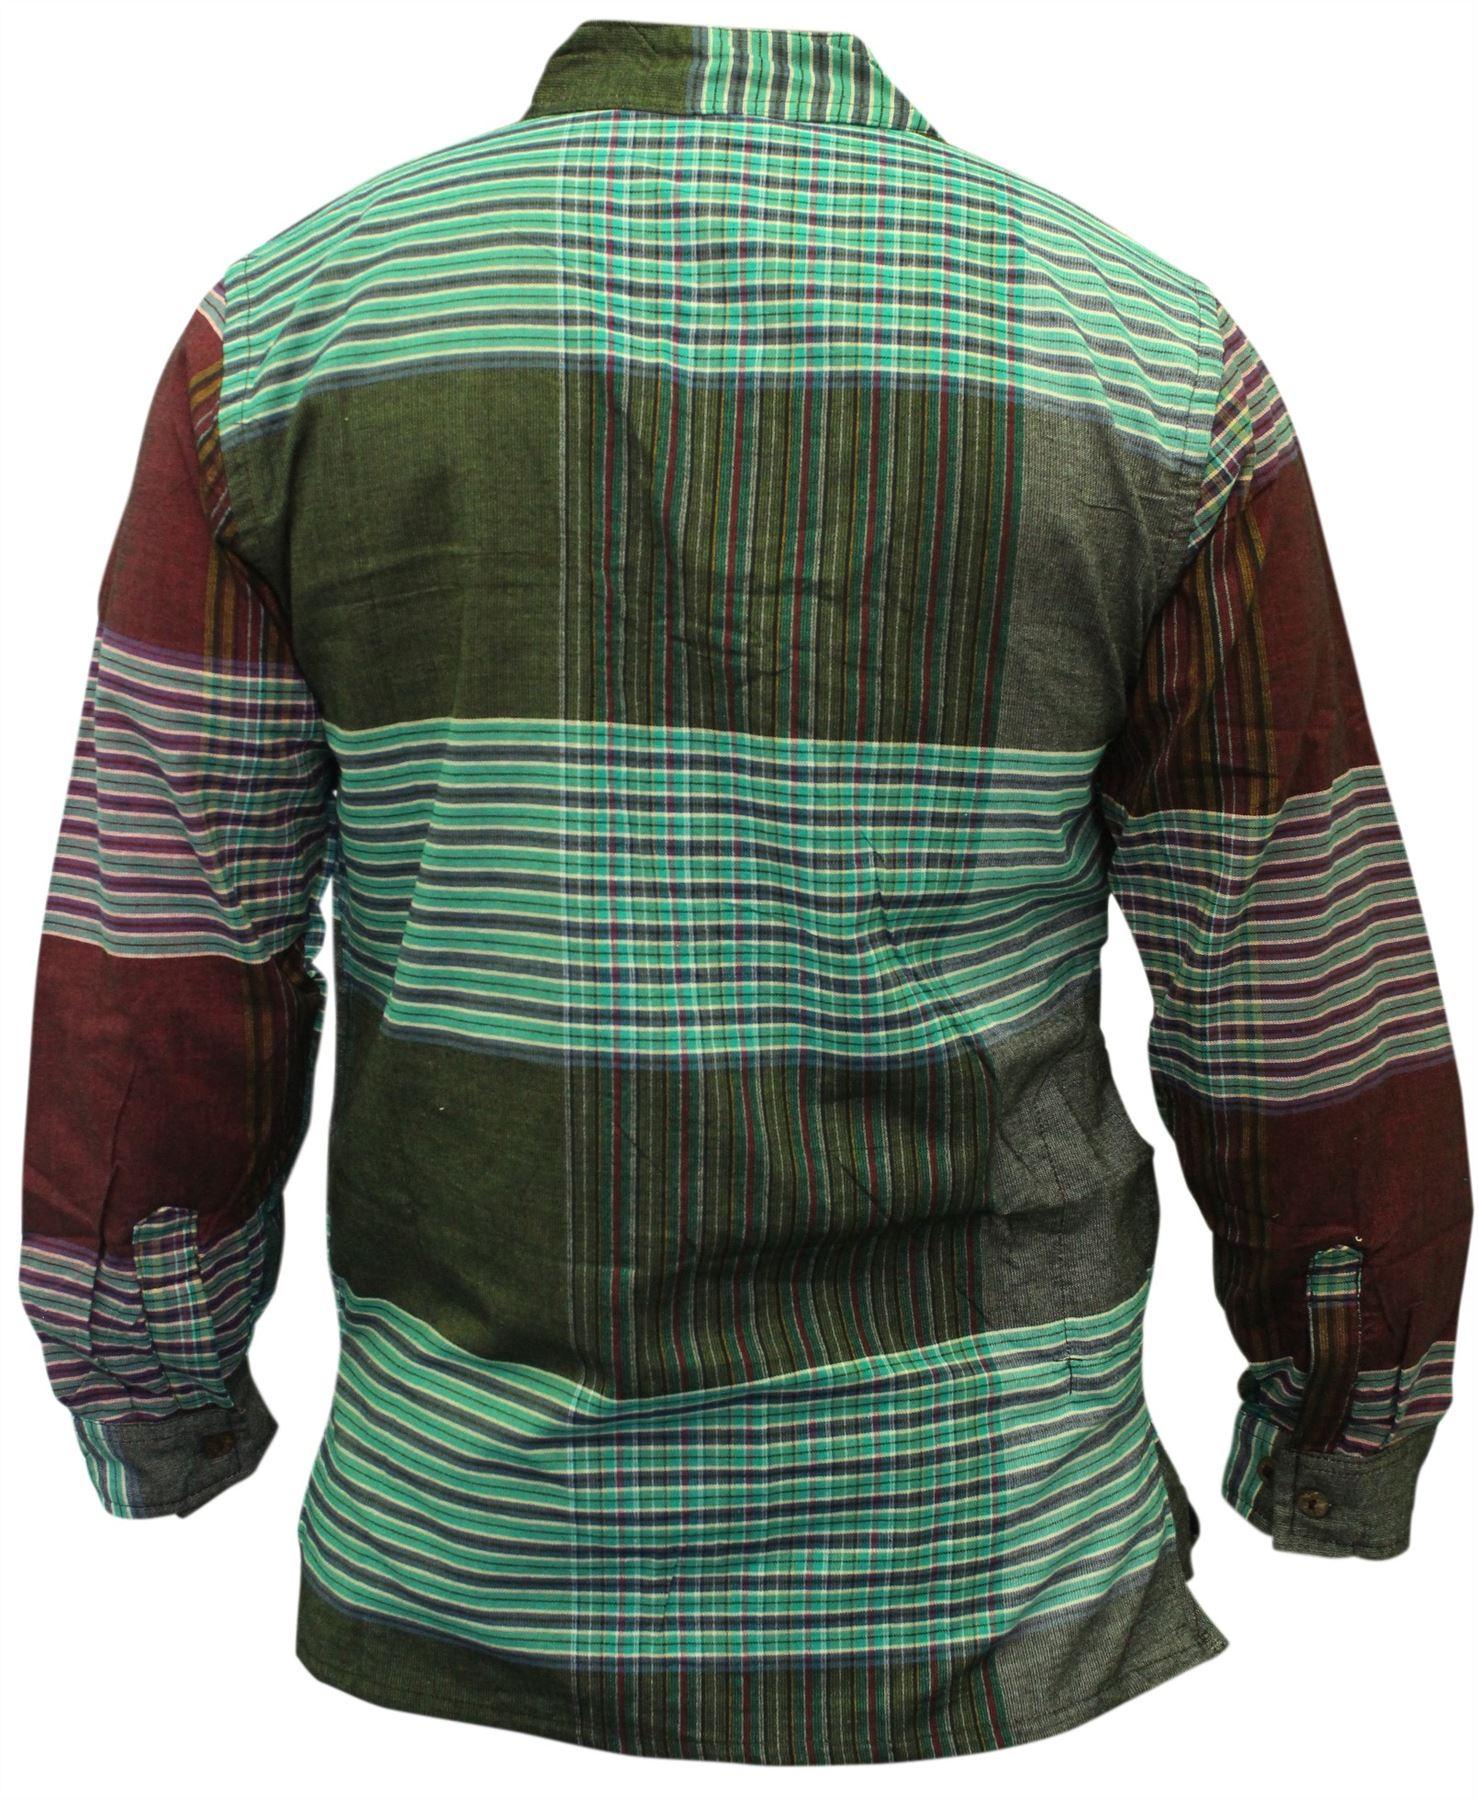 Da-Uomo-Senza-Colletto-Camicia-a-quadrettoni-Hippy-Grandad-completo-maniche-lunghe-Boho-Casual-Tops miniatura 4